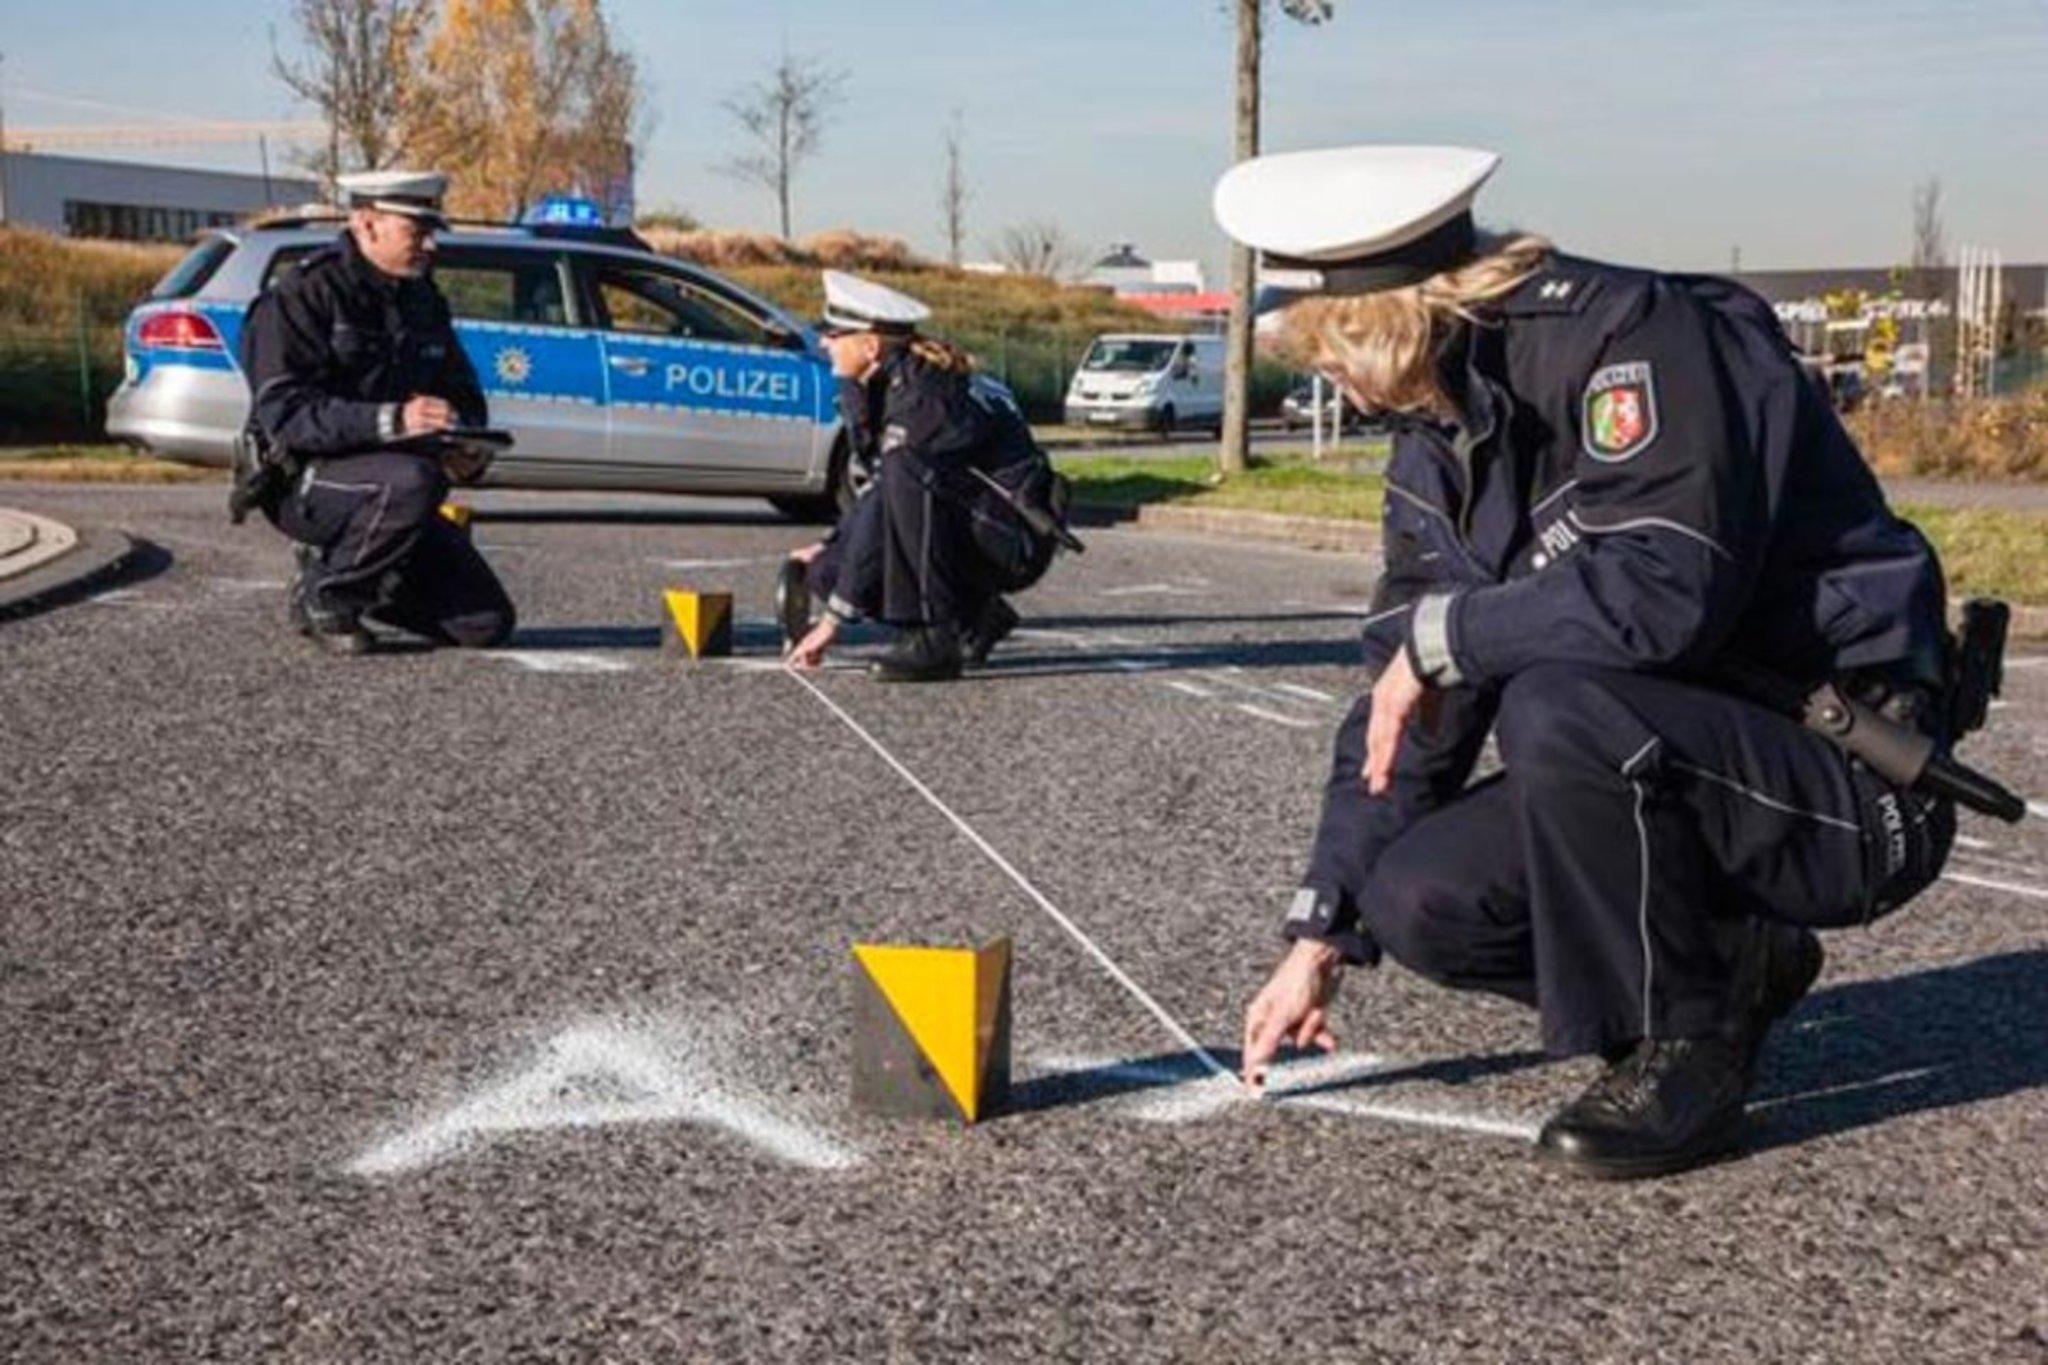 Herten: 90-Jährige schwer verletzt - Herten - Lokalkompass.de